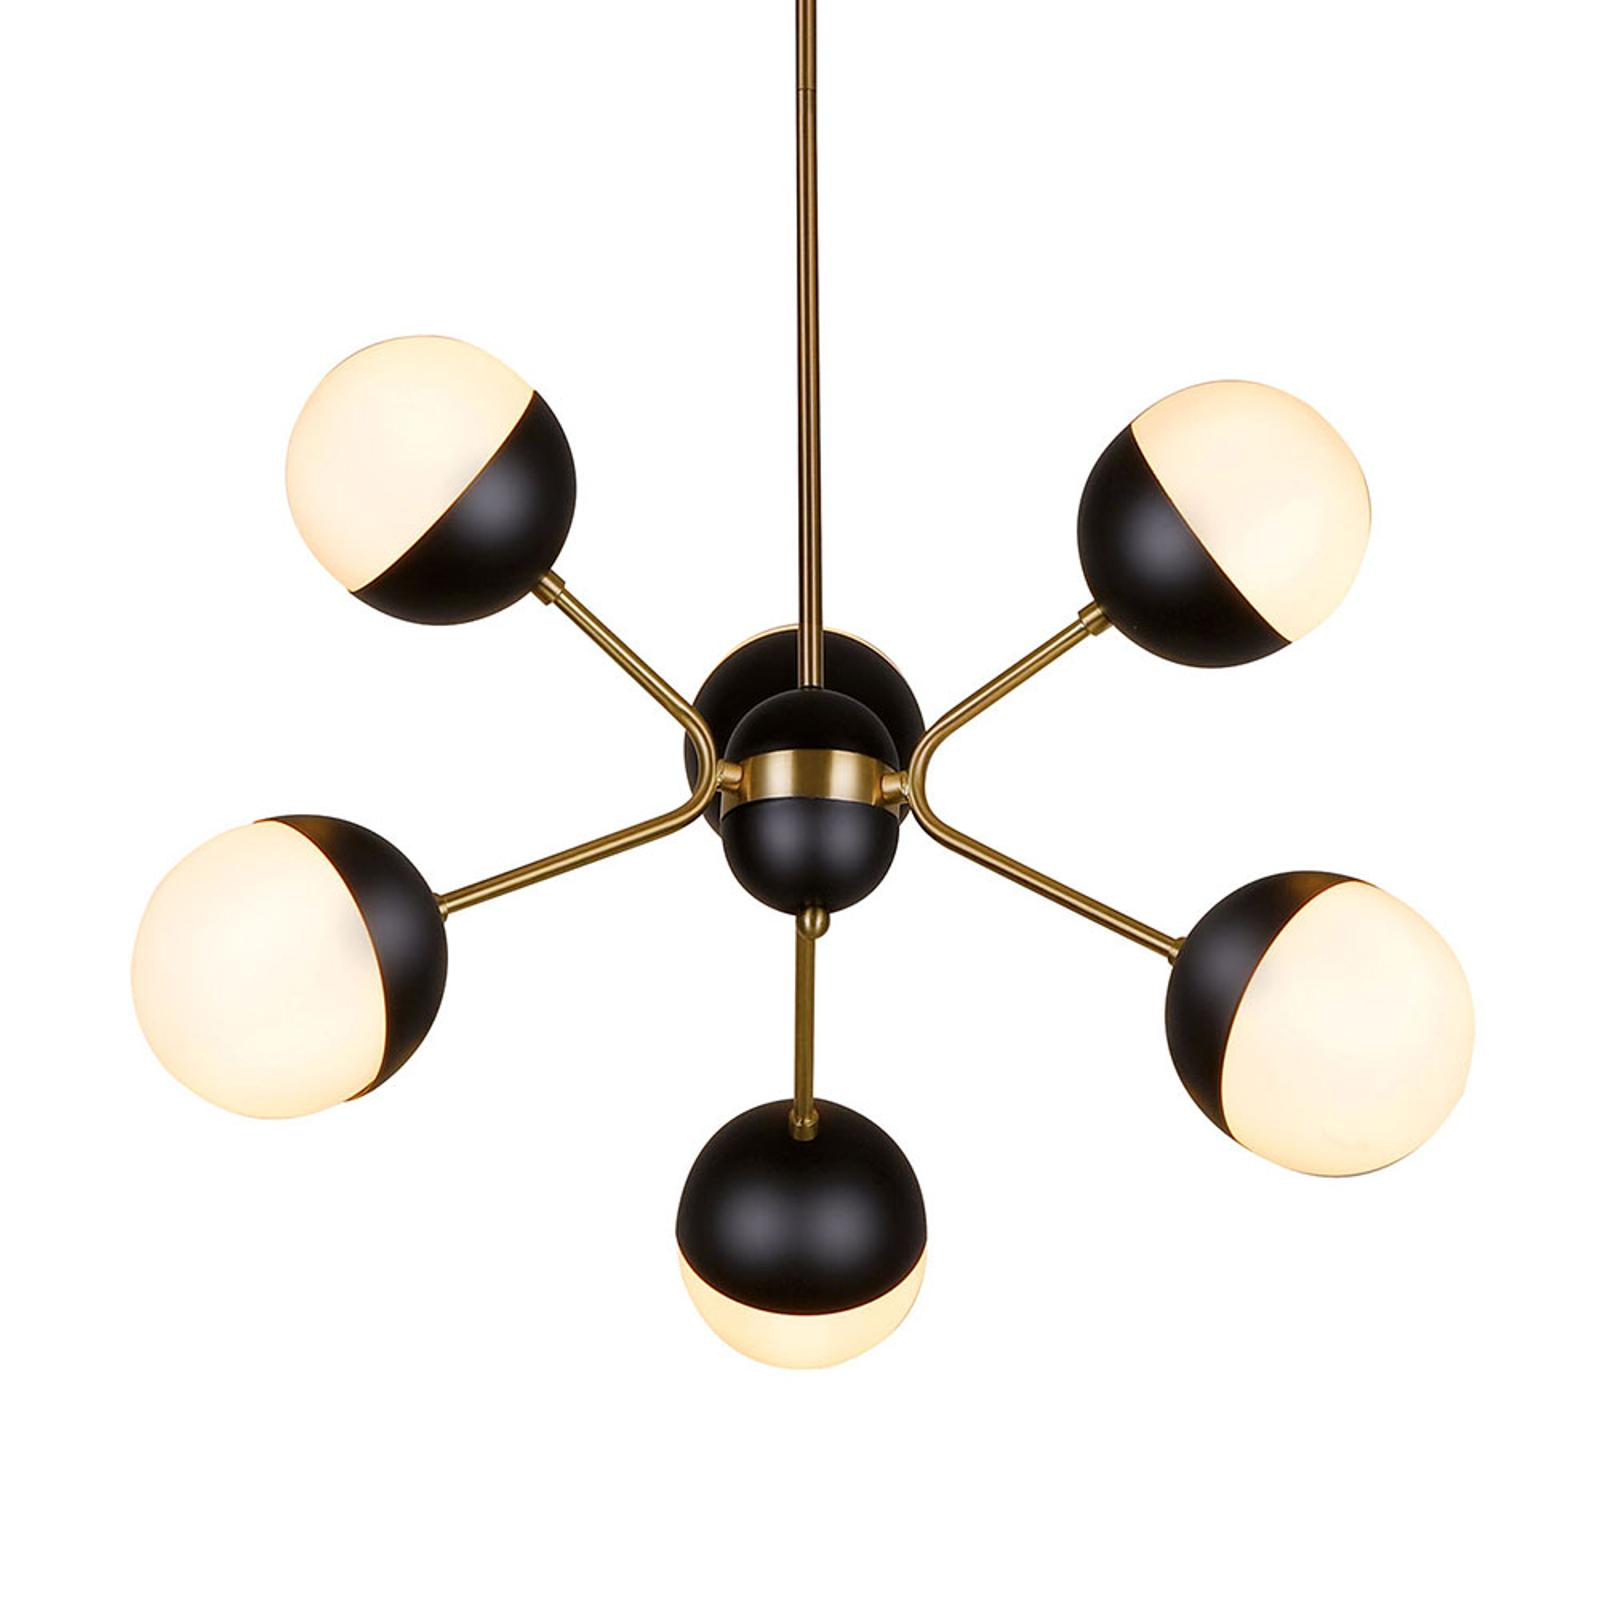 Suspension Orbit, à 6 lampes